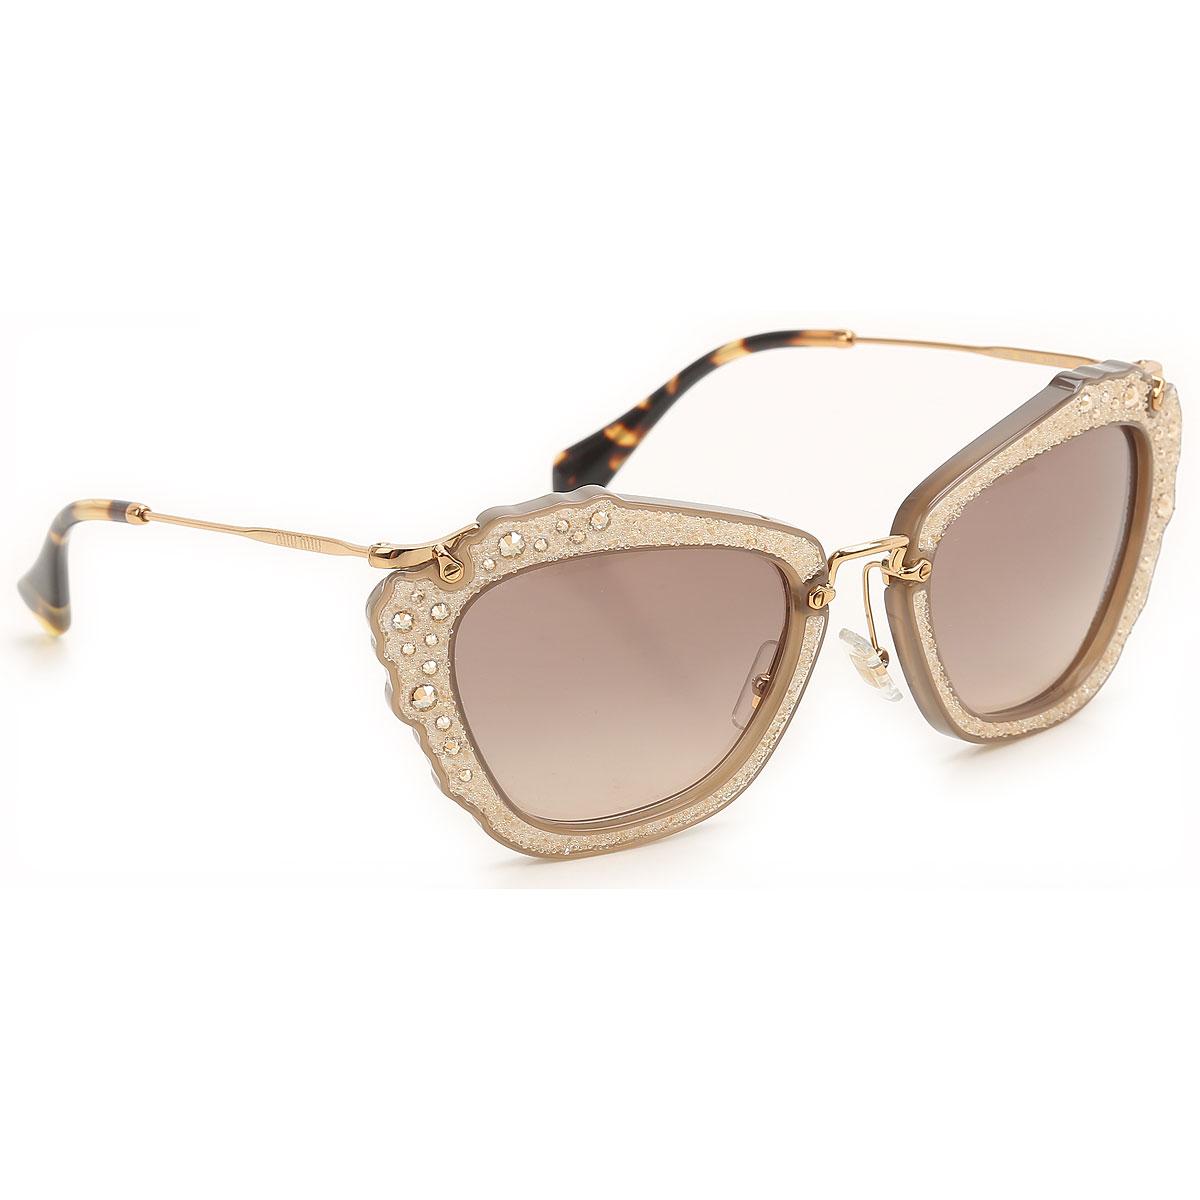 lunettes de soleil miu miu pas cher mes lunettes en ligne. Black Bedroom Furniture Sets. Home Design Ideas